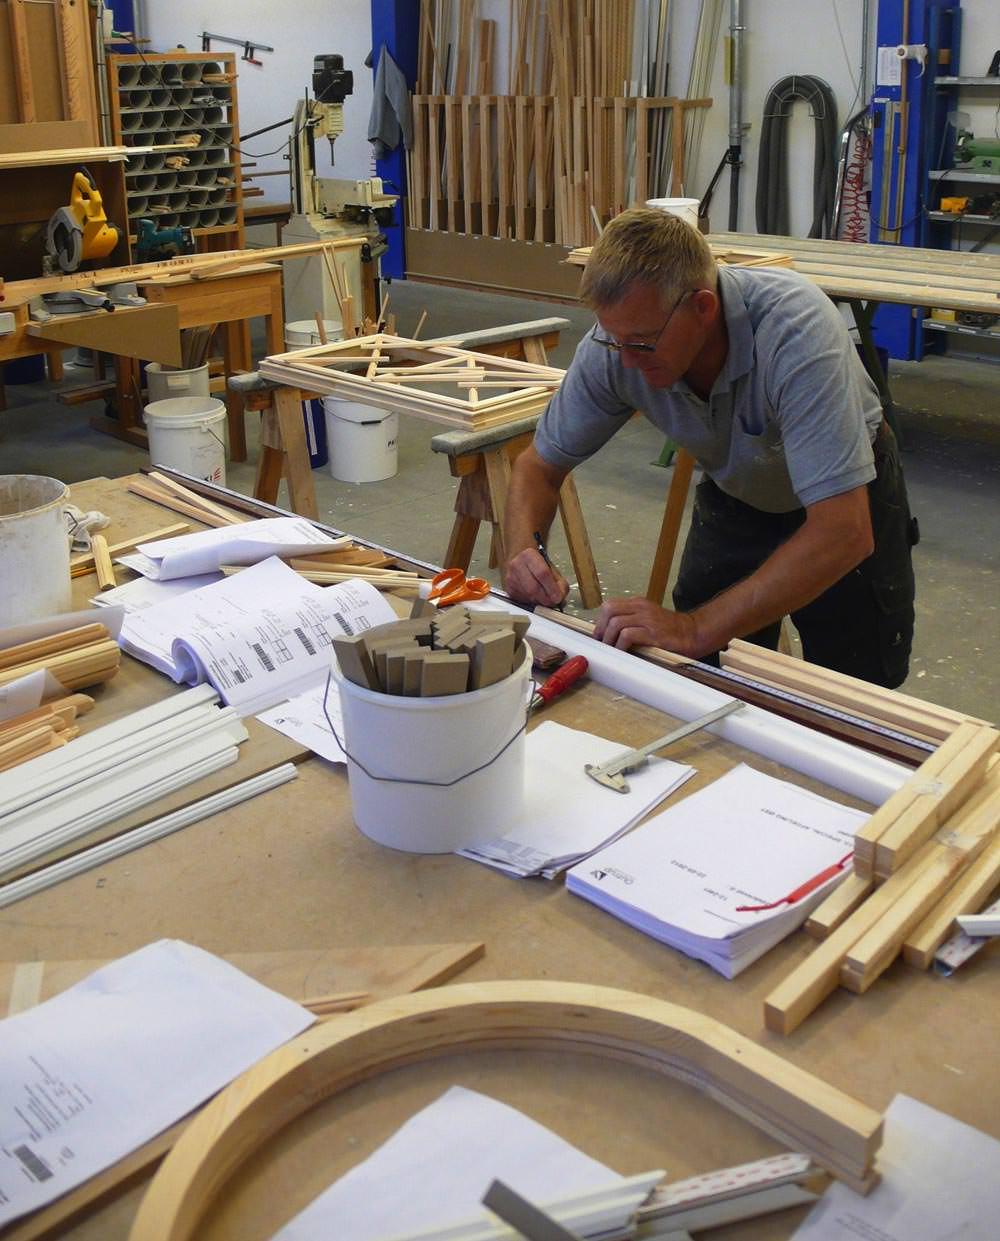 Fabulous Dänische Holzfenster – zur Welt hin zu öffnen VA46